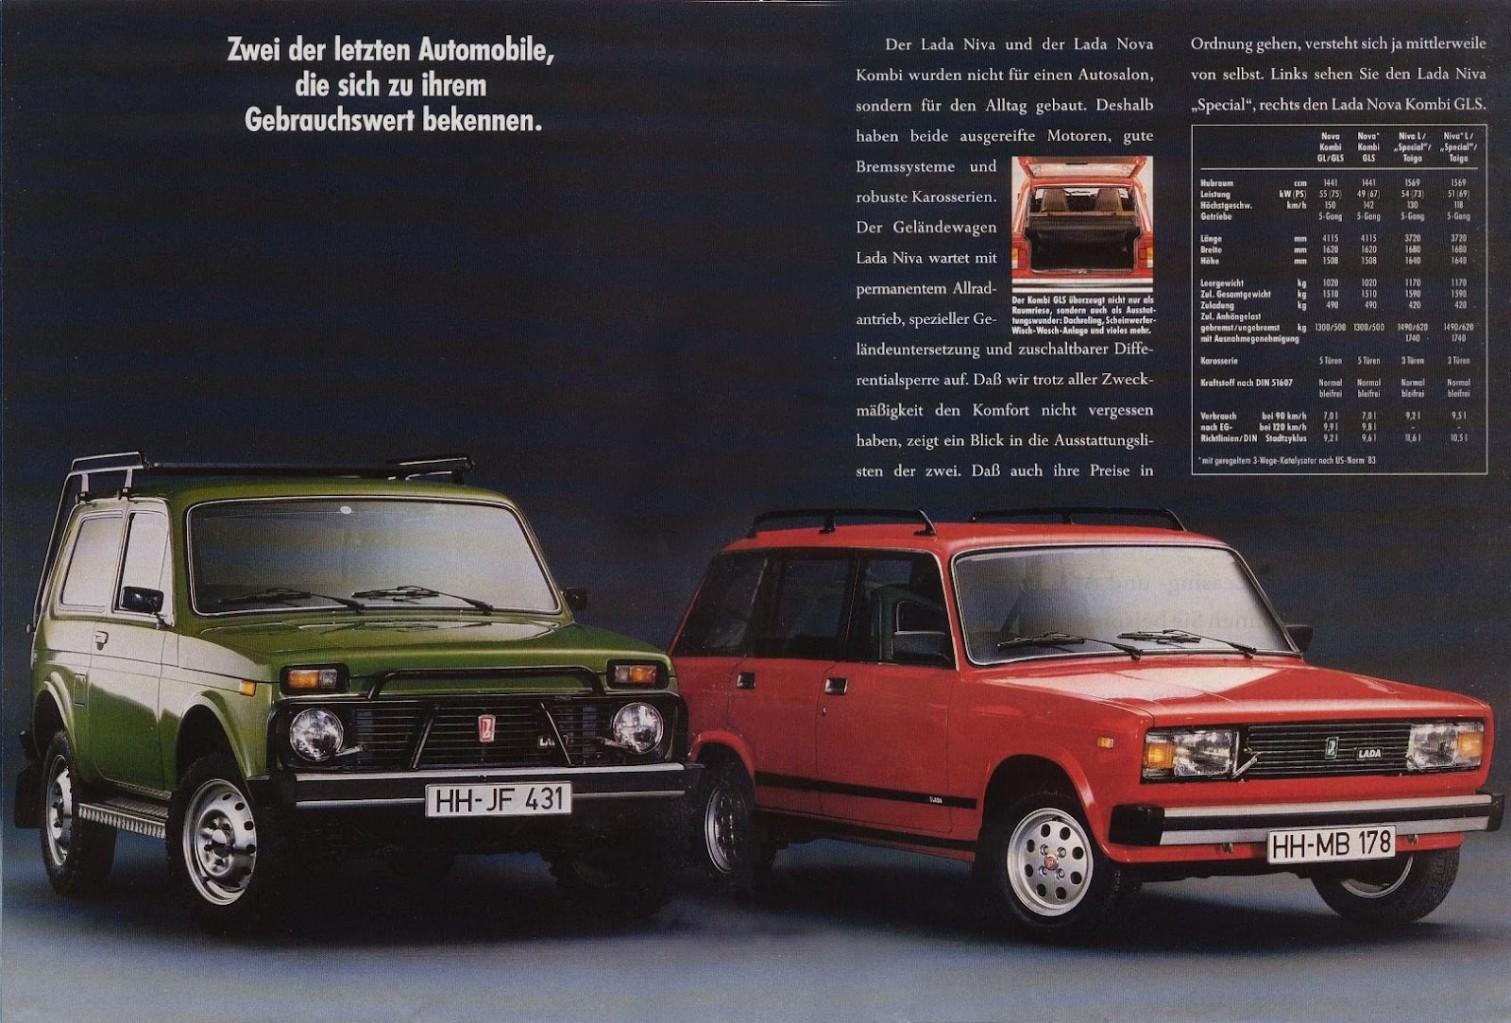 Z_1993-Lada-05-1511x1023.jpg